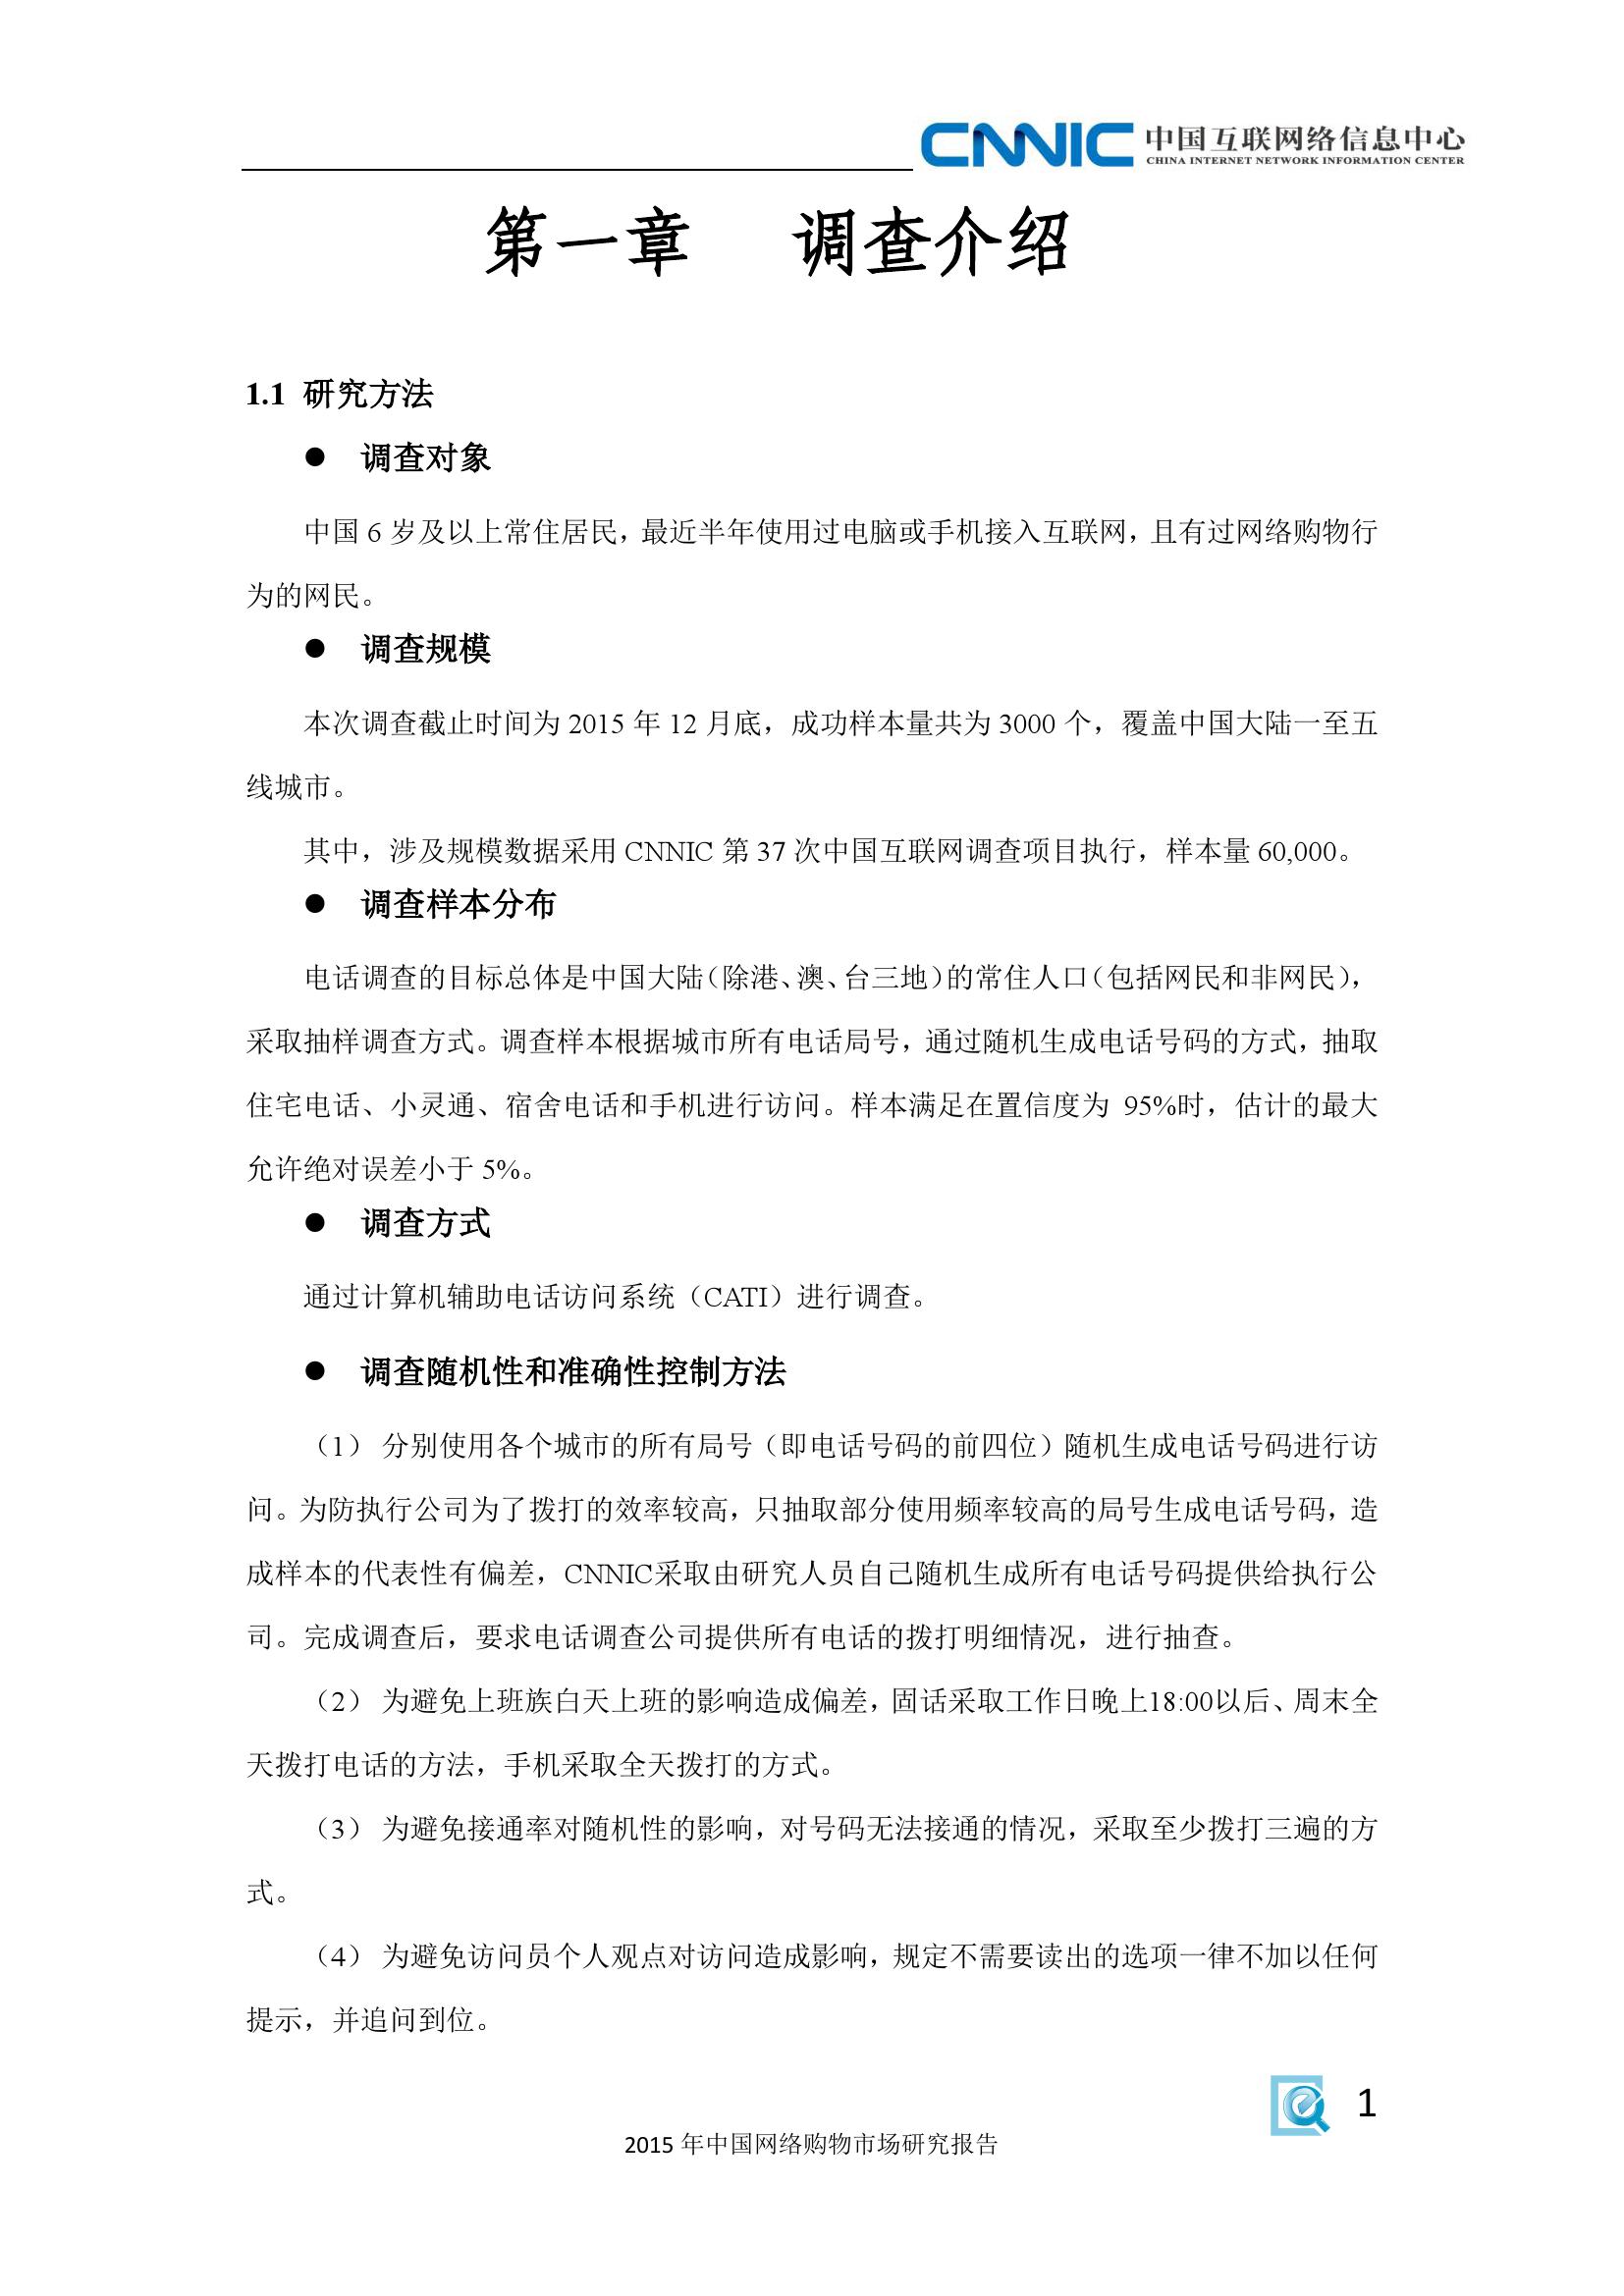 2015年中国网络购物市场研究报告_000009